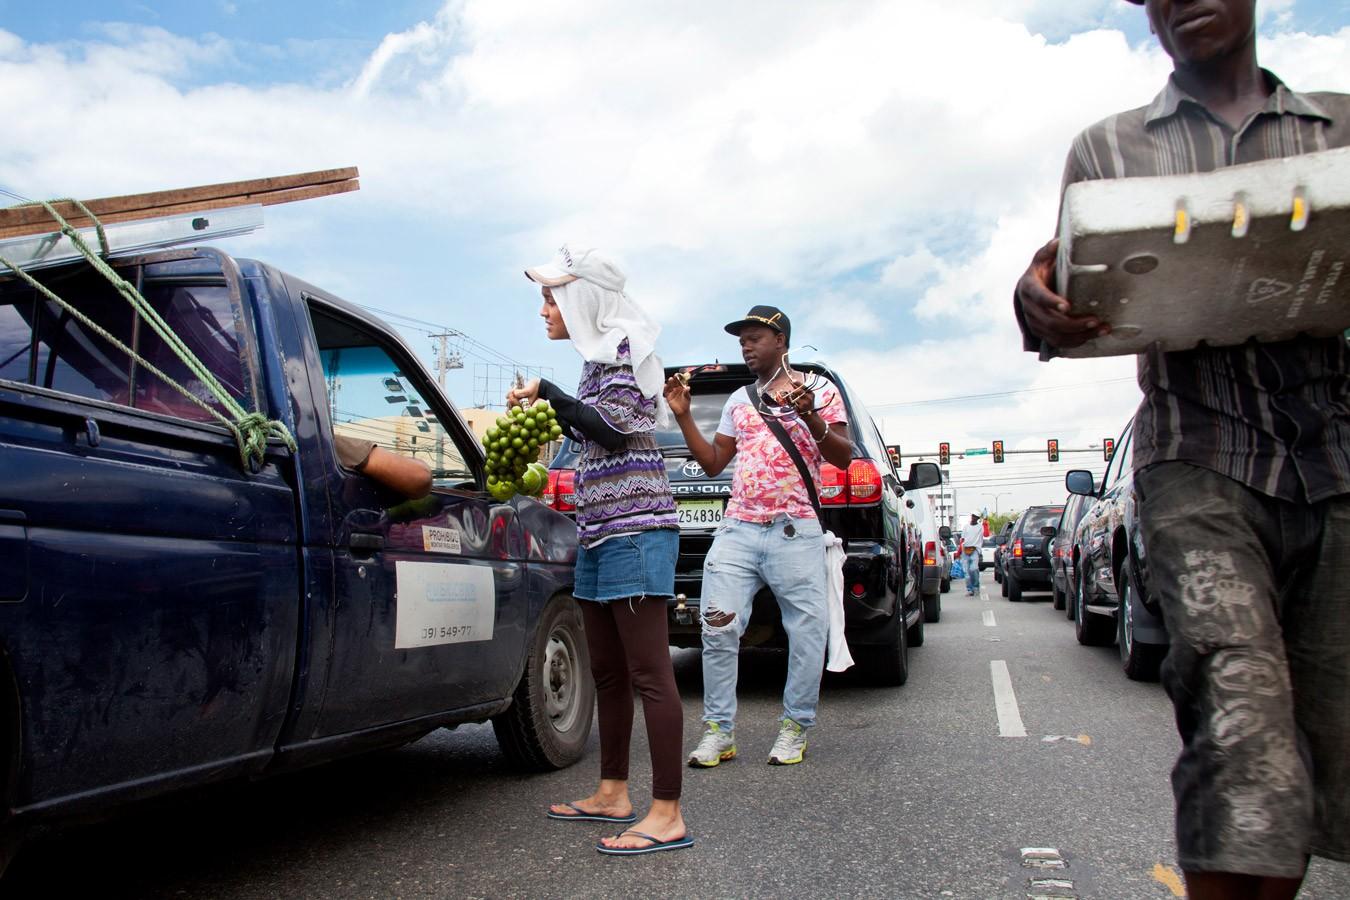 Street Vendor |  Vendedora de Semáforo  (2014)